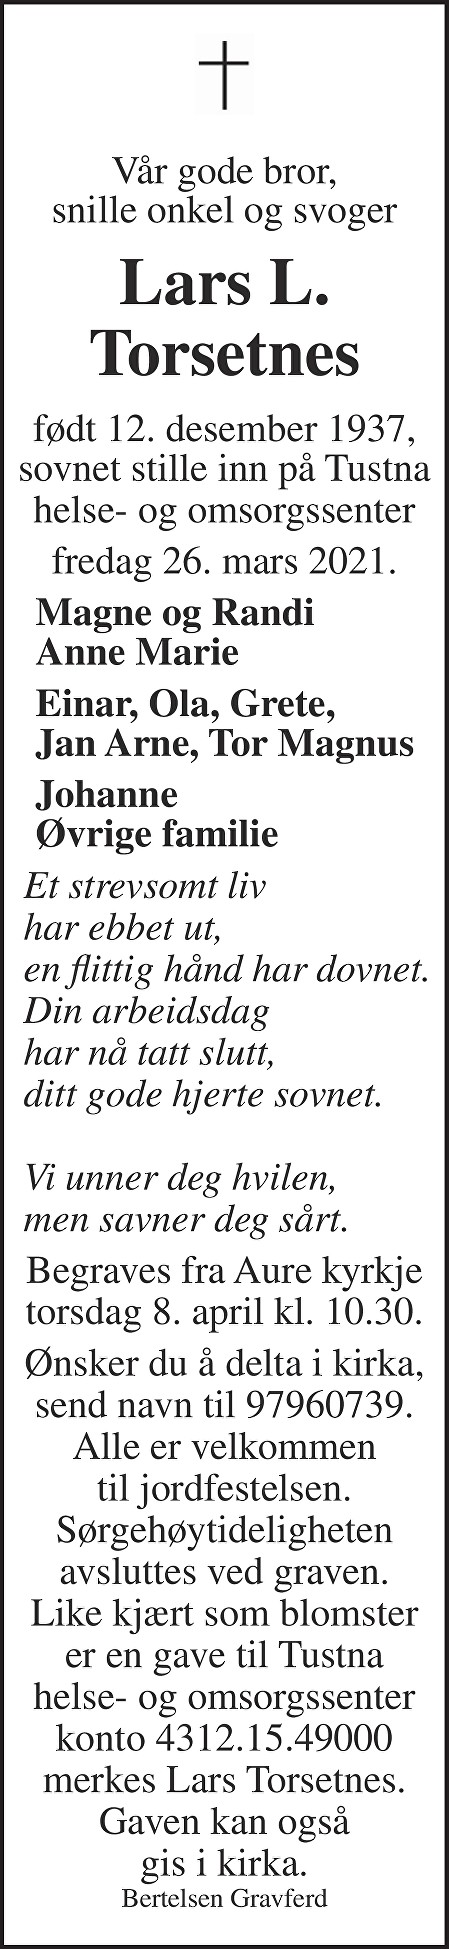 Lars L. Torsetnes Dødsannonse